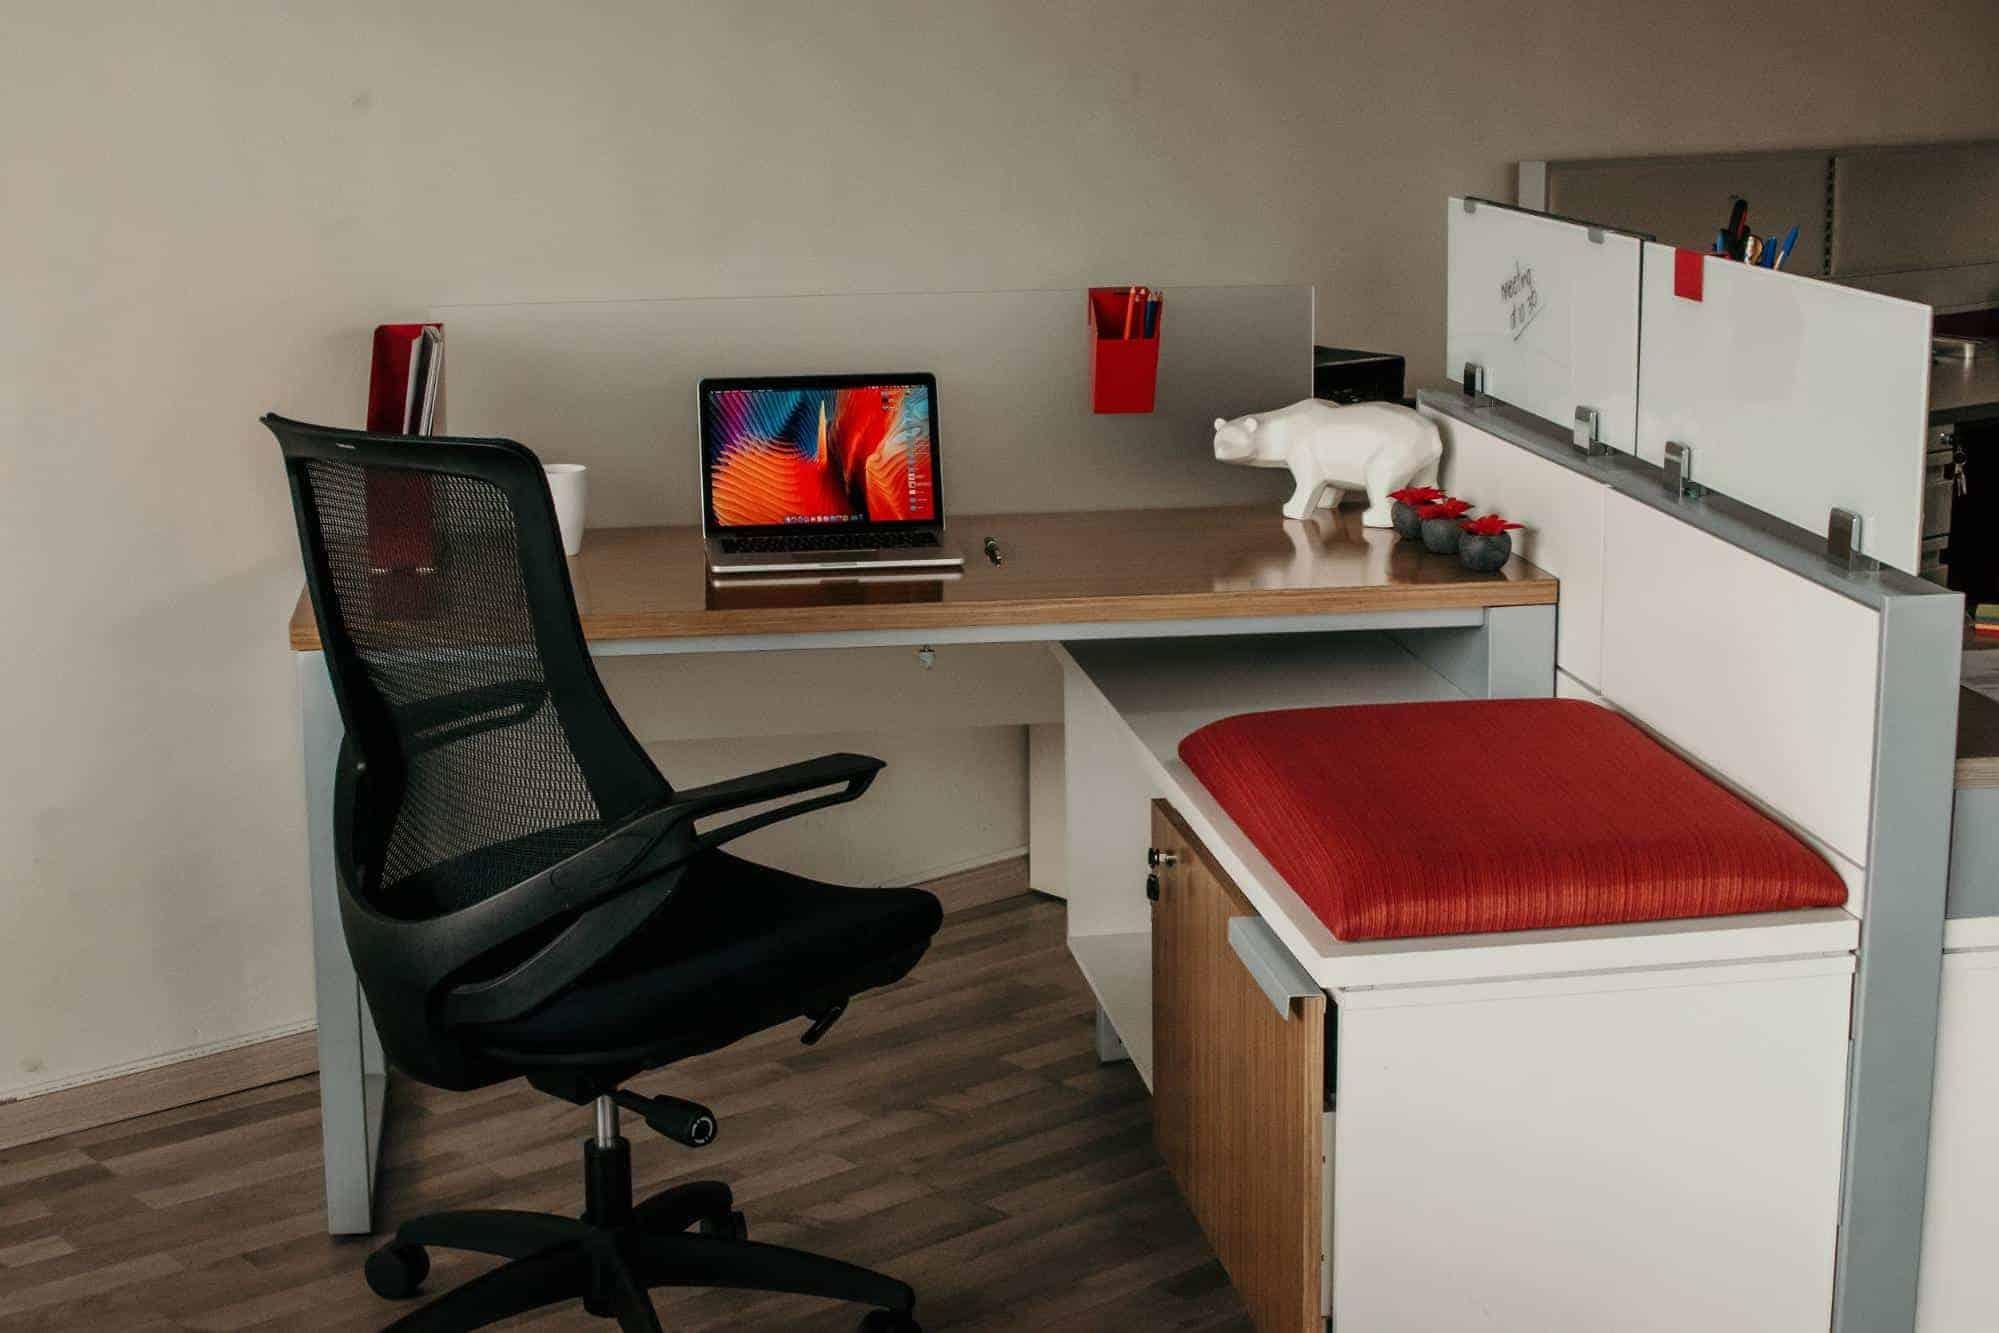 equipo-y-mobiliario-de-oficina